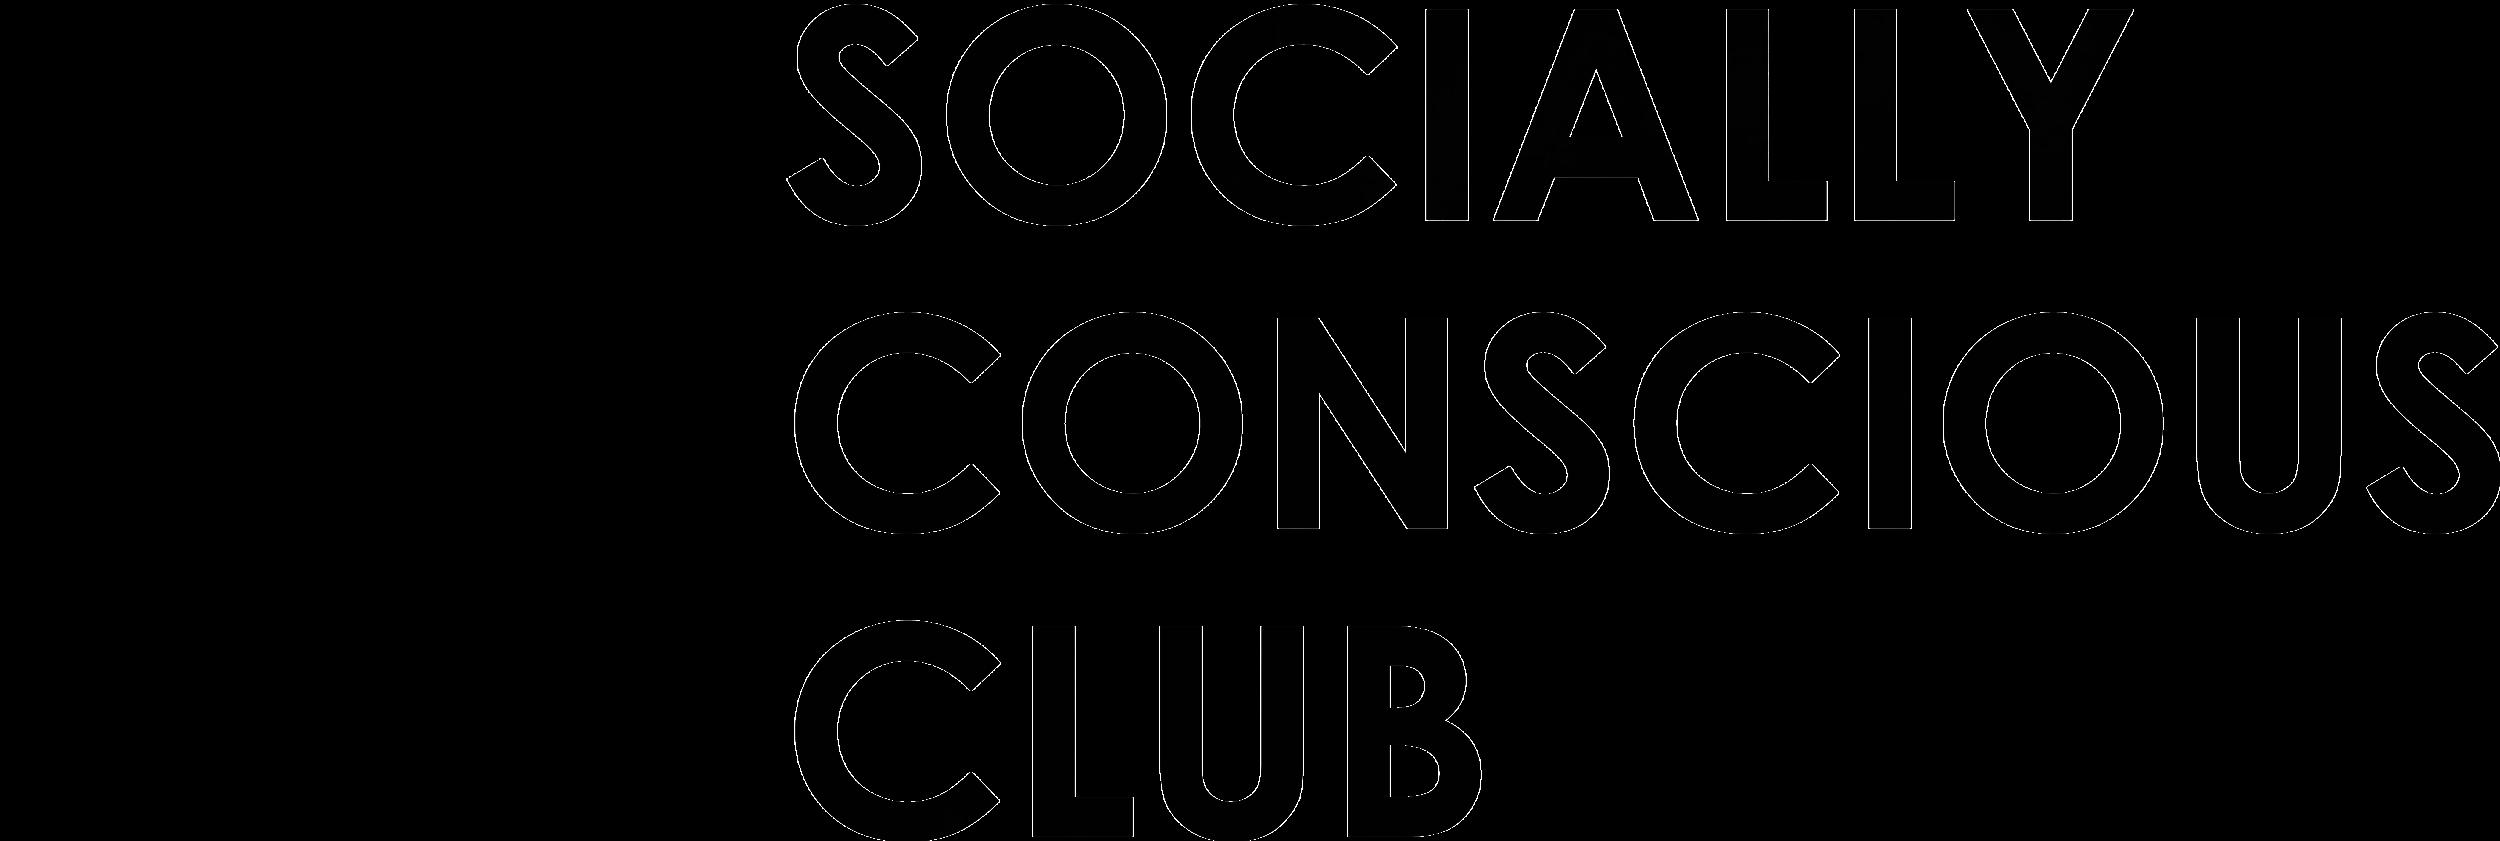 Socially Conscious Club logo.png